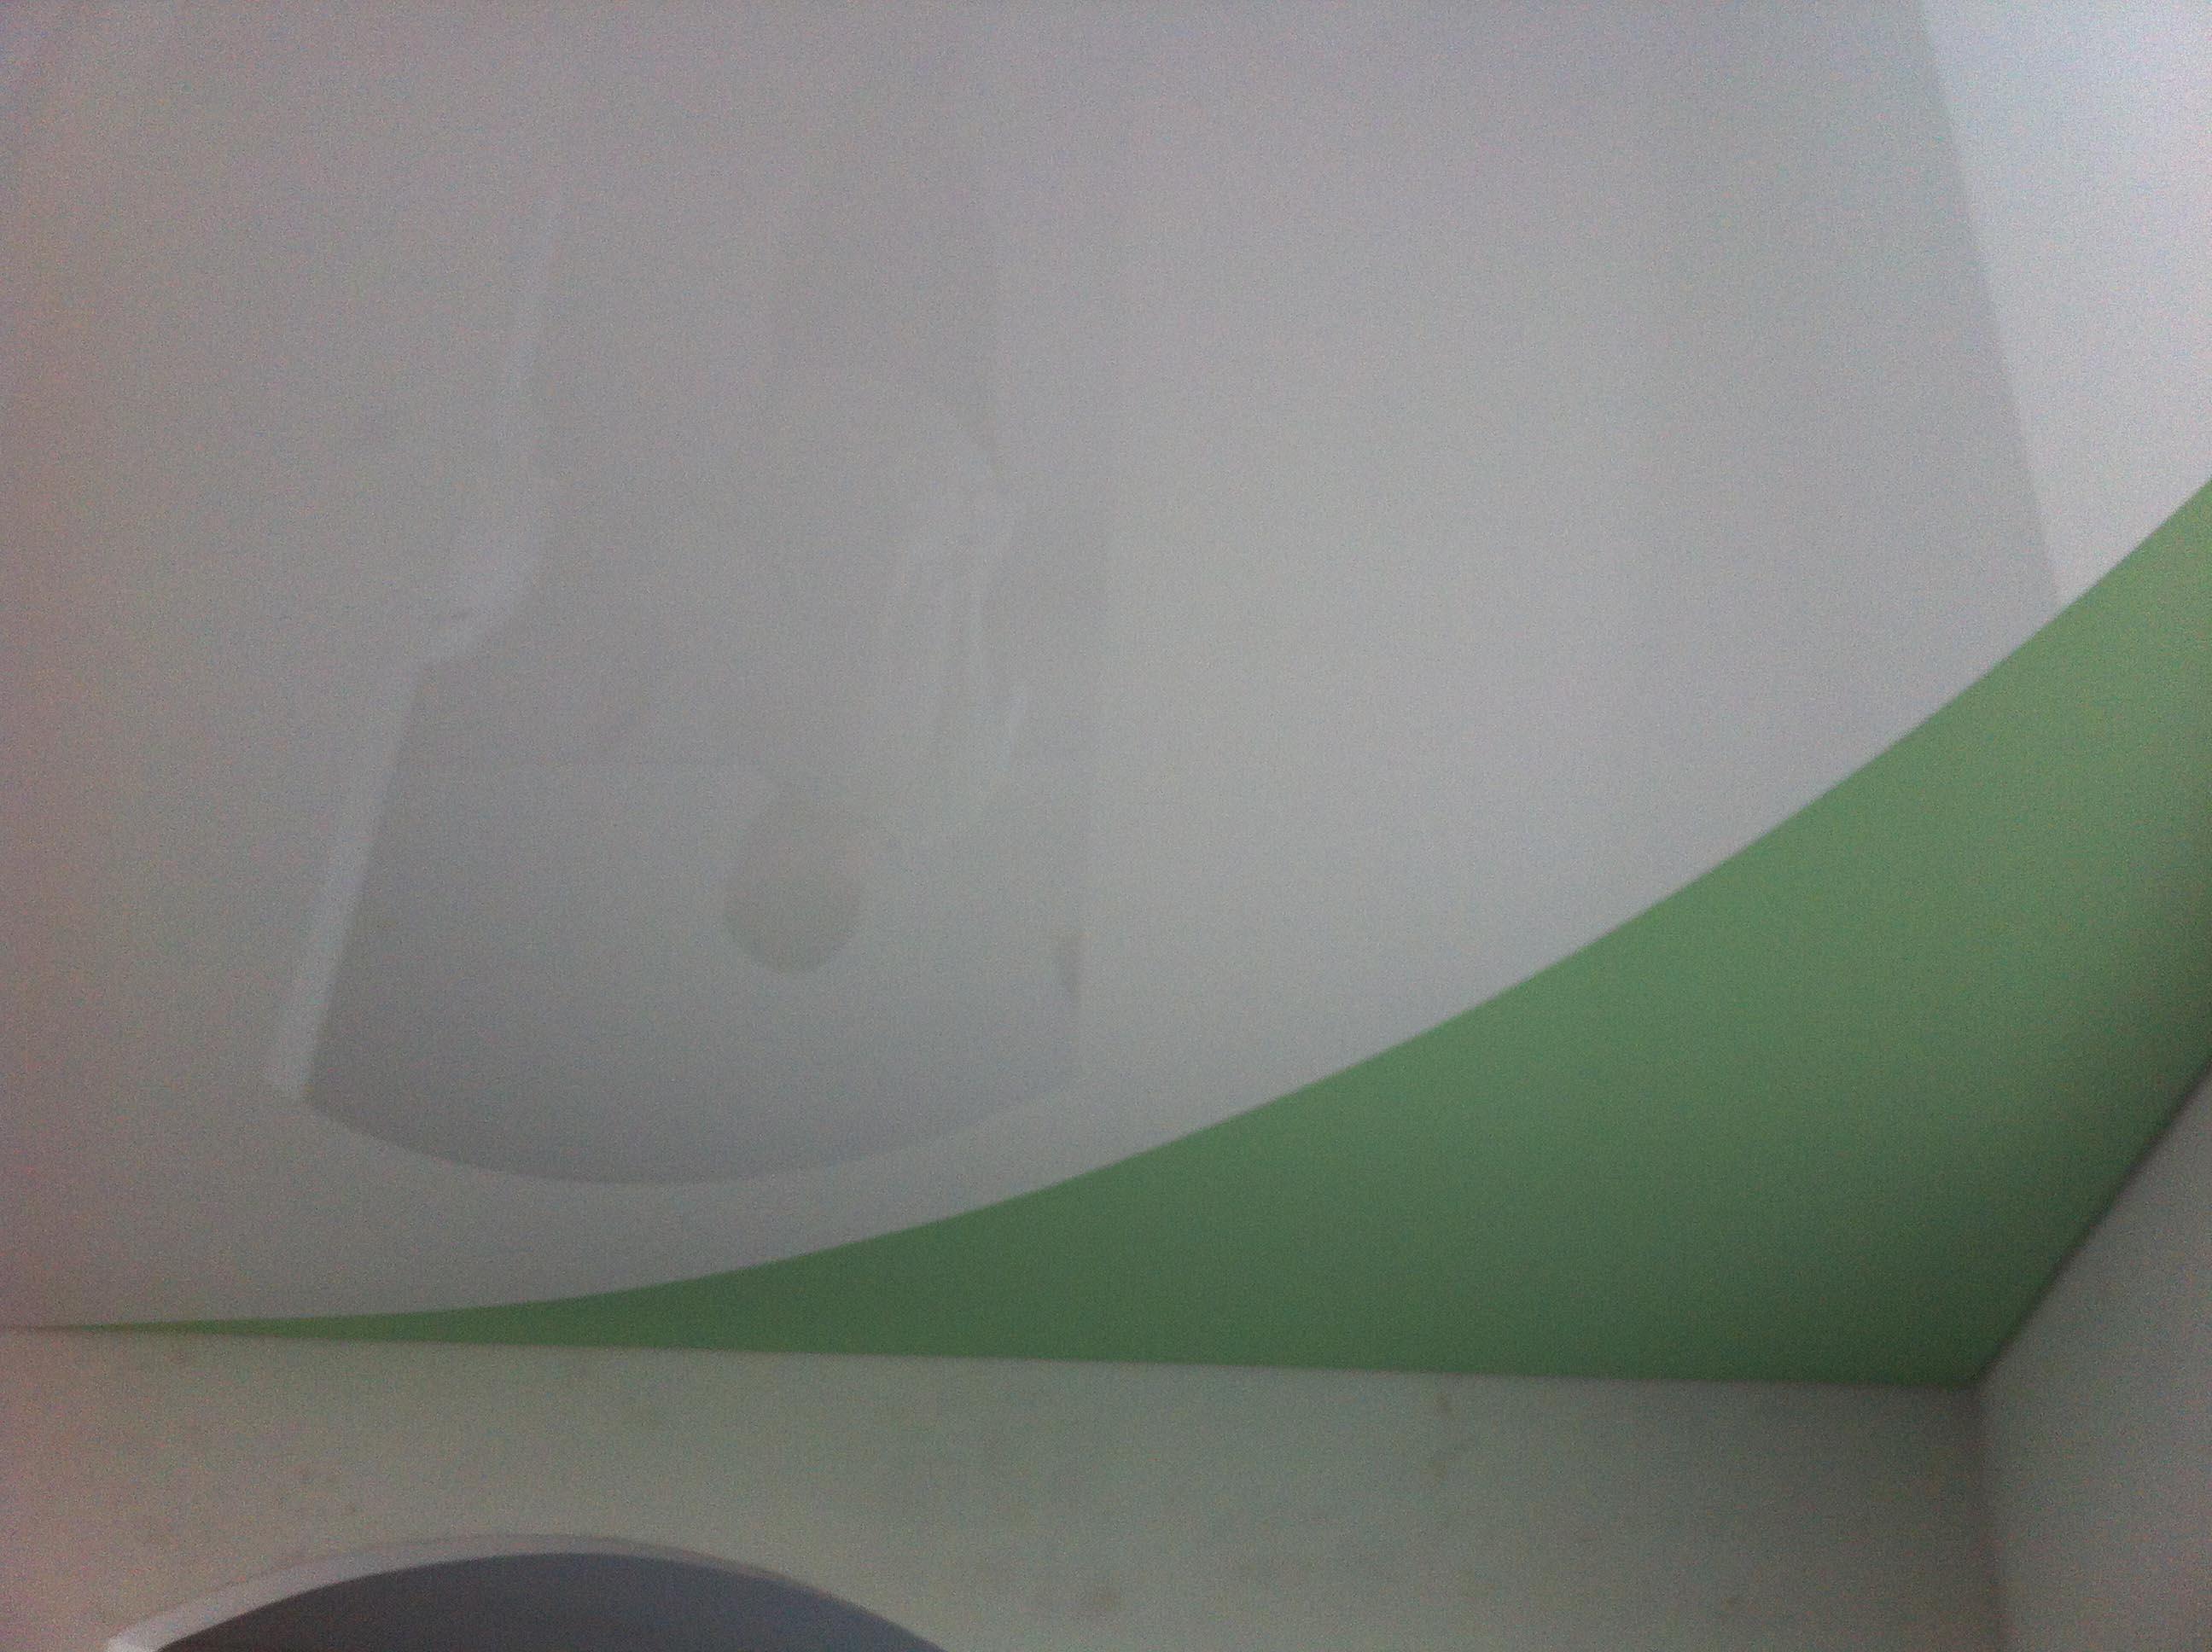 Что сначала натягивать потолок или клеить обои